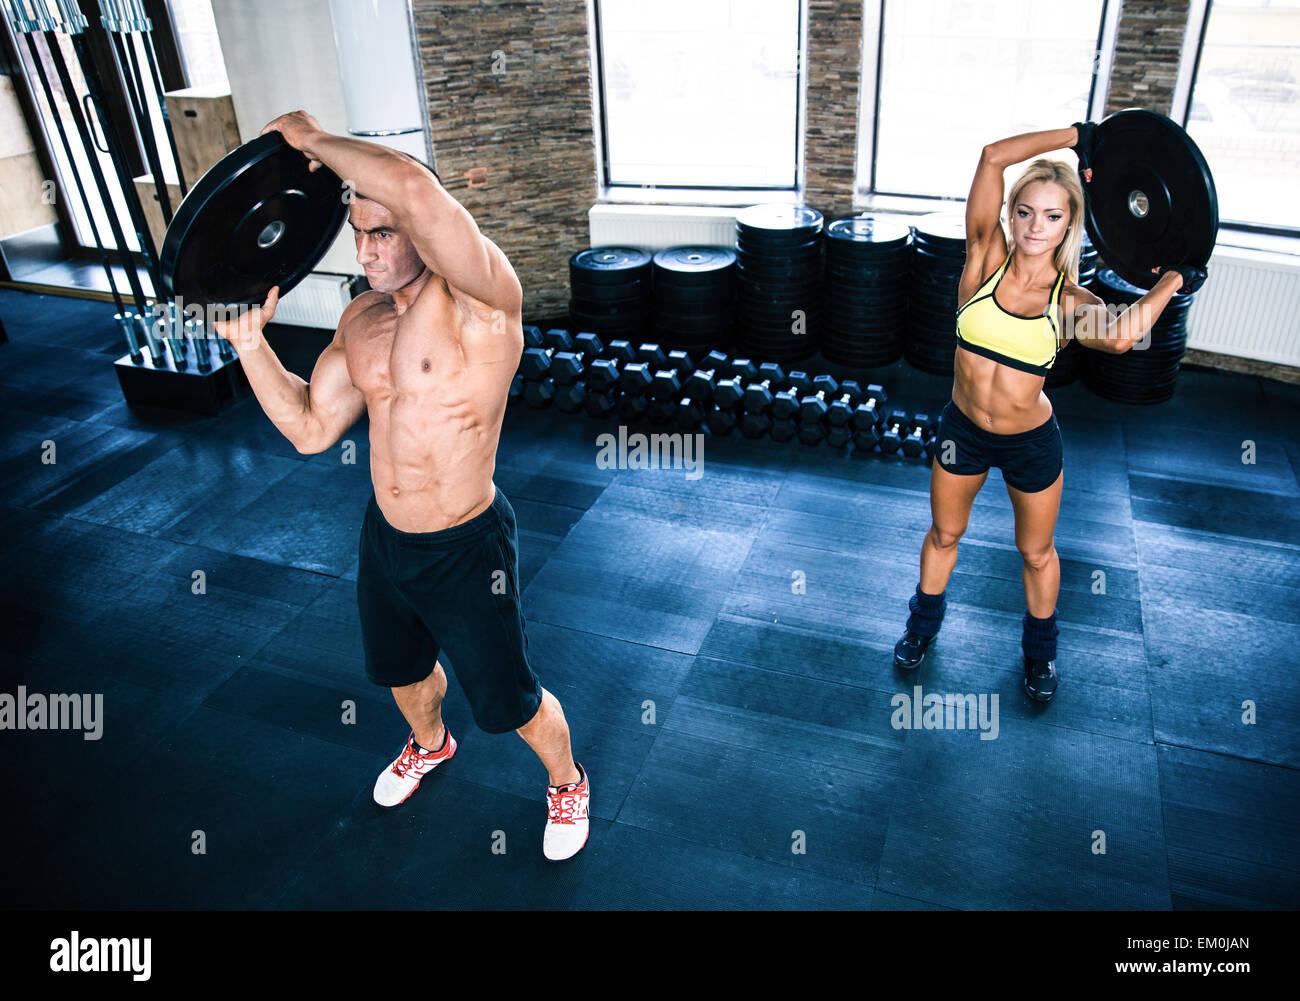 L'homme et de la femme de l'exercice dans la salle de sport crossfit Photo Stock